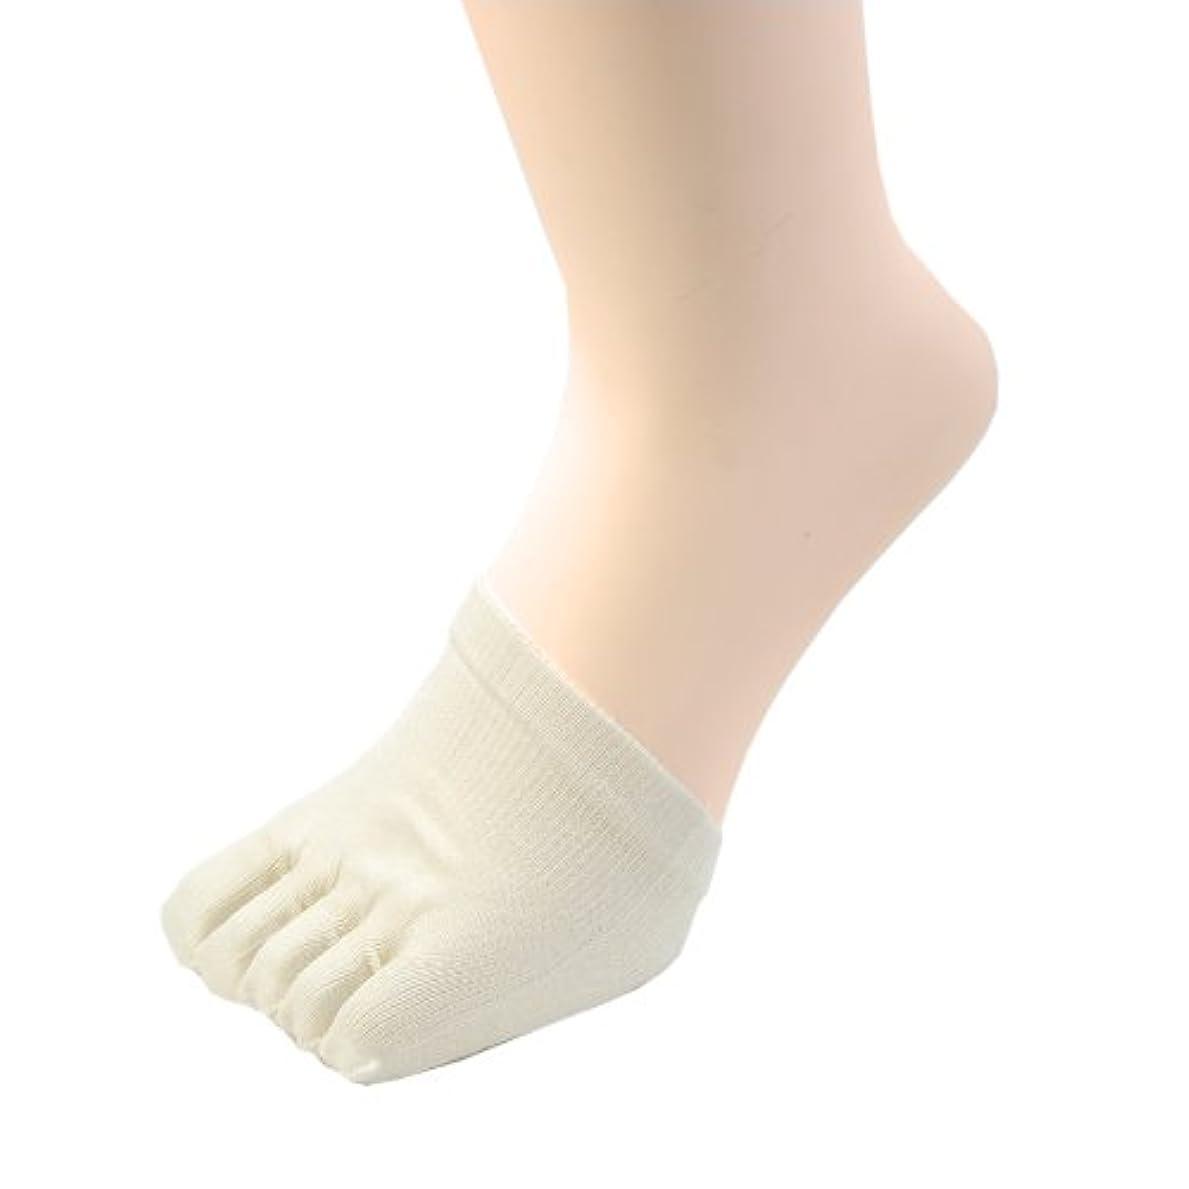 冷えとり 絹 ( シルク )100% ハーフ 5本指 下履き (クツしたイン) ソックス 着圧健康ソックスの必需品! 2足組 #685